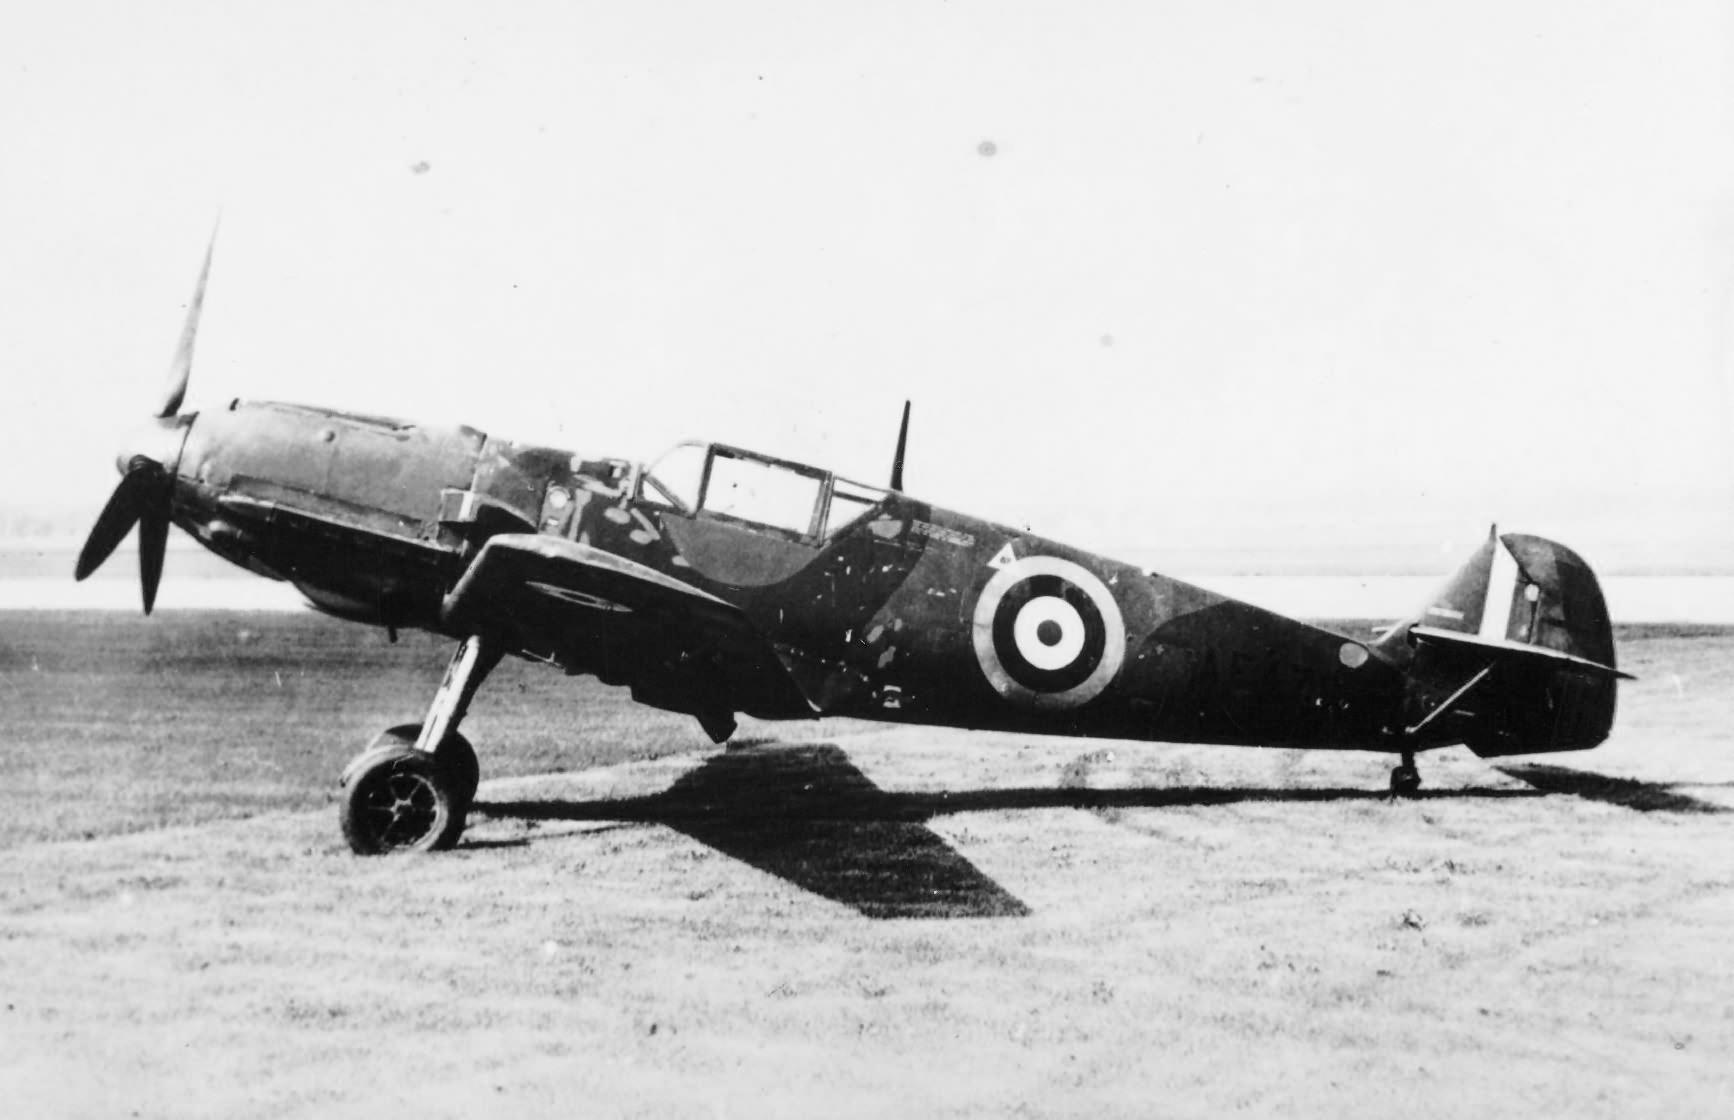 Me 109E-3 W.Nr. 1304, AE479 RAF, ex 1./JG 76